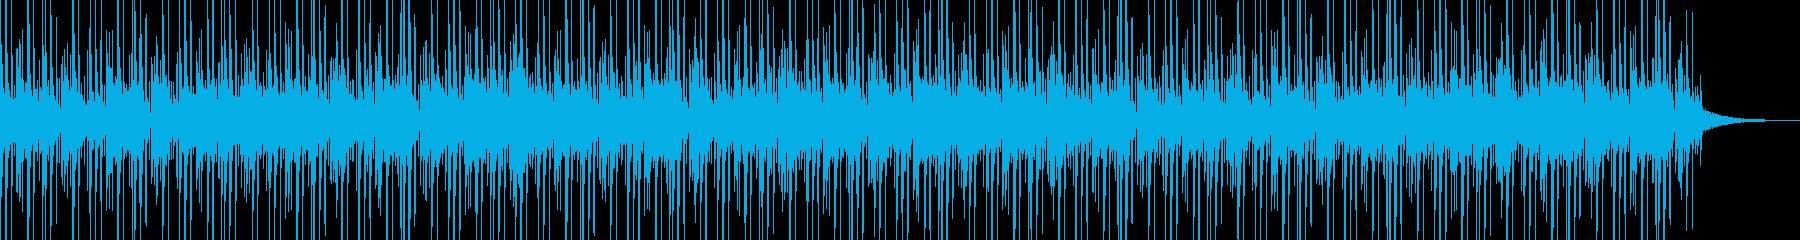 ムーディーなアシッドジャズトラック...の再生済みの波形